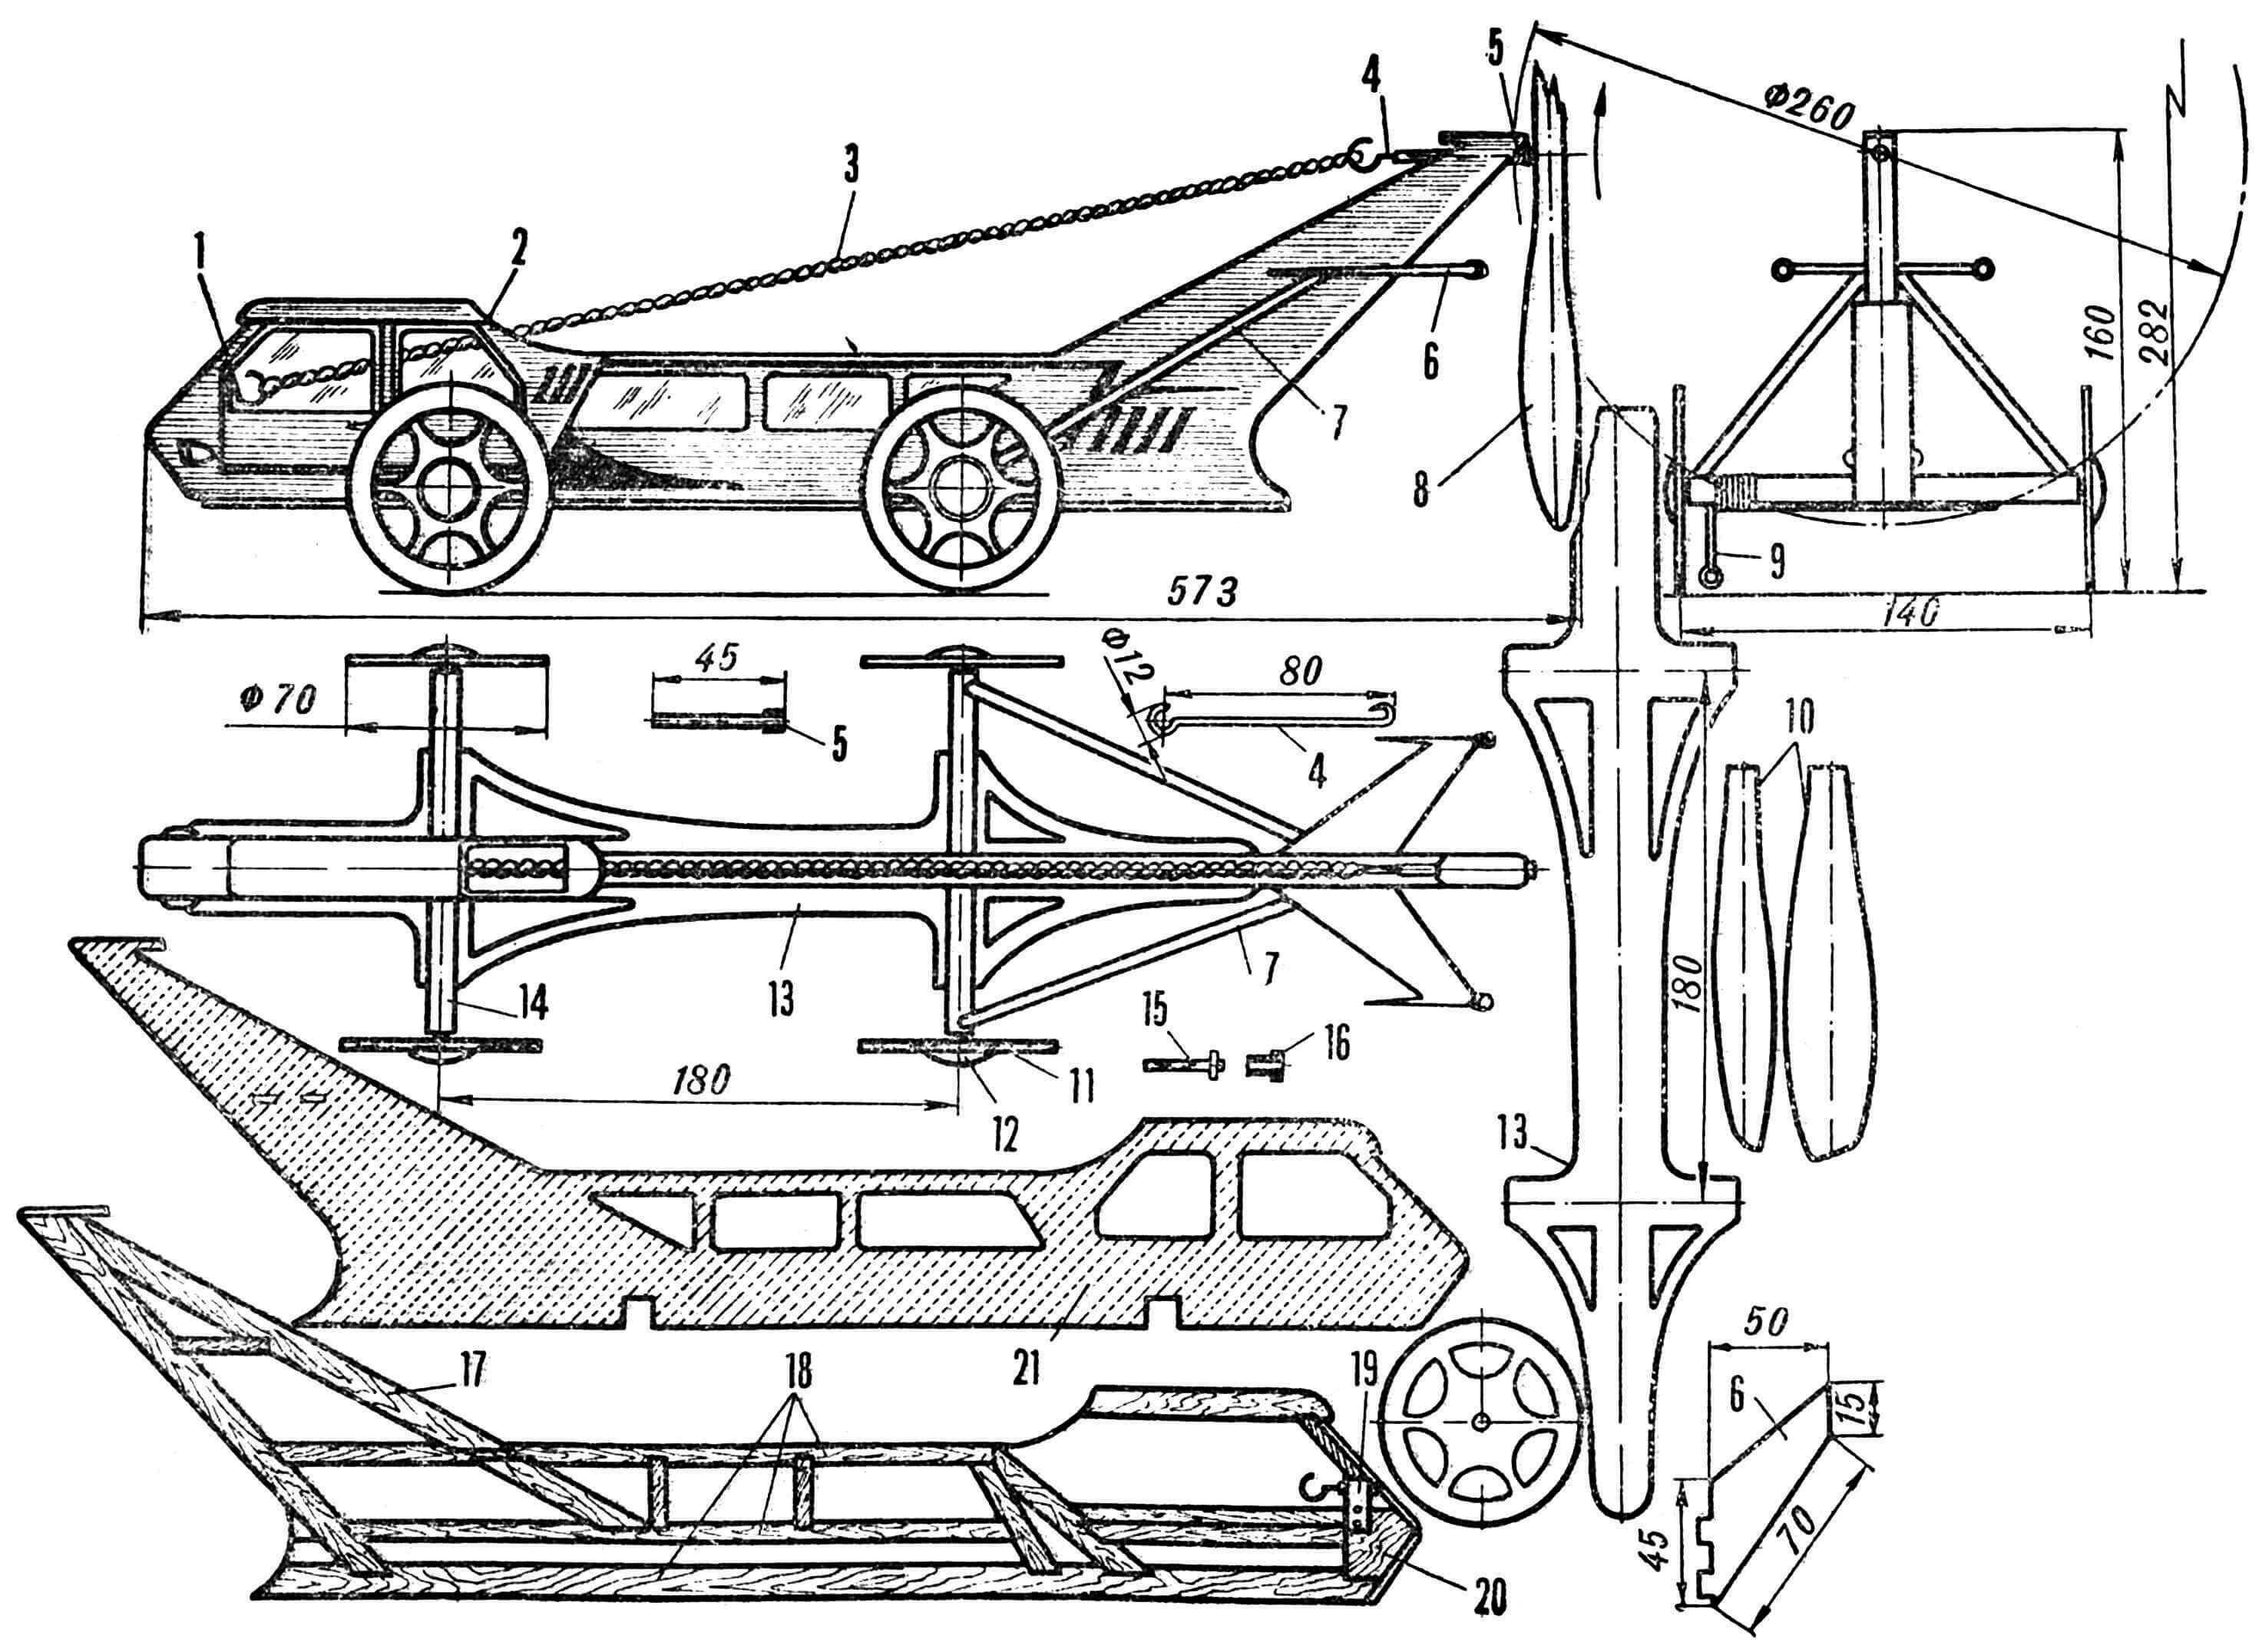 МОДЕЛЬ АЭРОМОБИЛЯ «ПИОНЕР»: 1 — крючок, 2 — кузов, 3 — резиномотор, 4 — ось винта, 5 — втулка-подшипник, 6 — стабилизатор, 7 — распорка, 8 — воздушный винт, 9 — направляющее кольцо, 10 — шаблоны винта, 11 — колесо, 12 — крышка ступицы, 13 — рама, 14 — балка, 15 — ось, 16 — втулка колеса, 17 — раскос, 18 — рейки, 19 — бандаж бобышки, 20 — бобышка, 21 — боковины кузова.